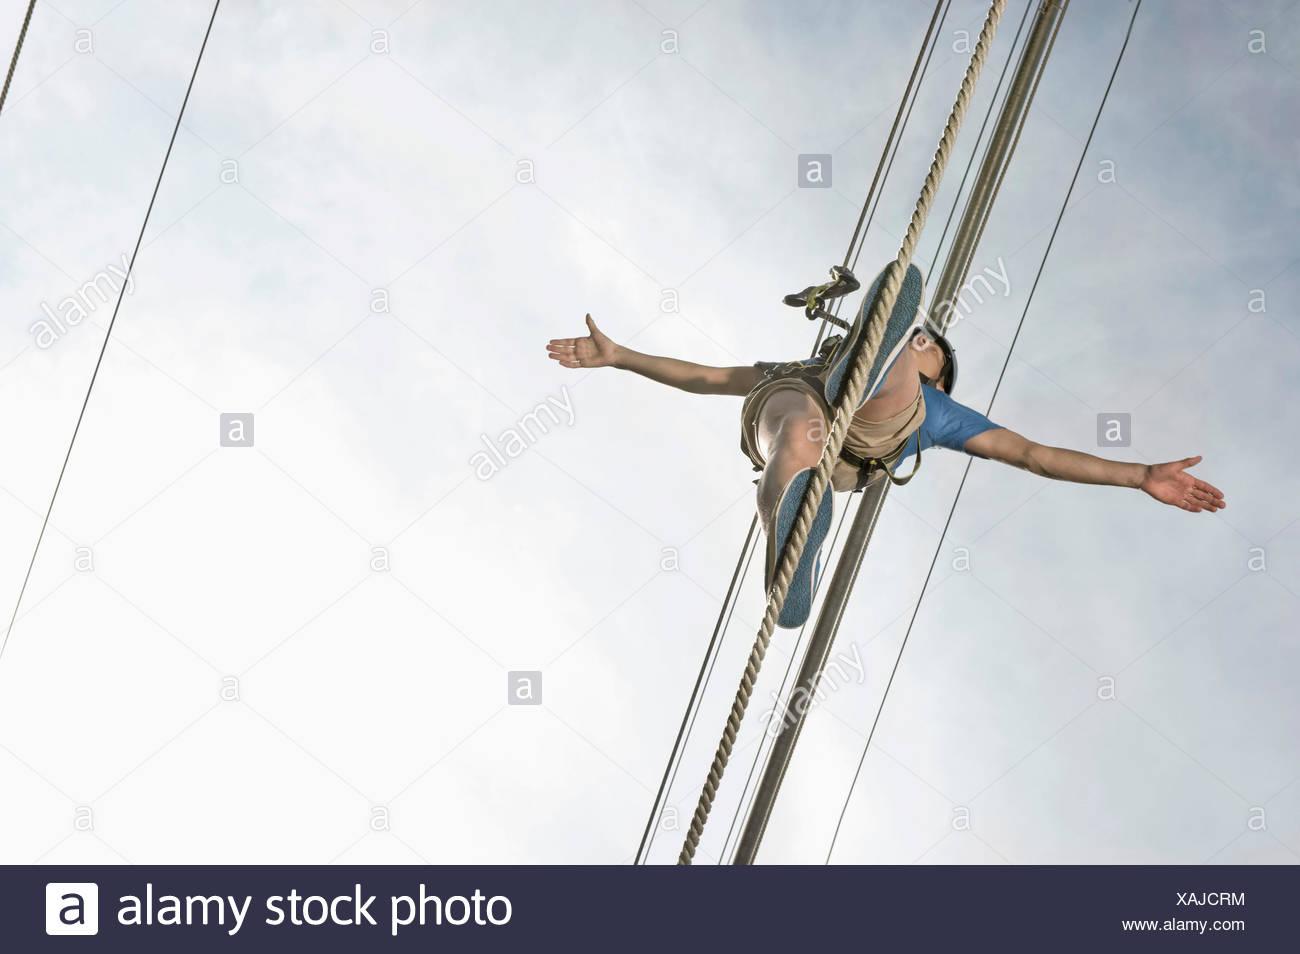 L'équilibrage de l'adolescent dans une escalade de rocher Photo Stock